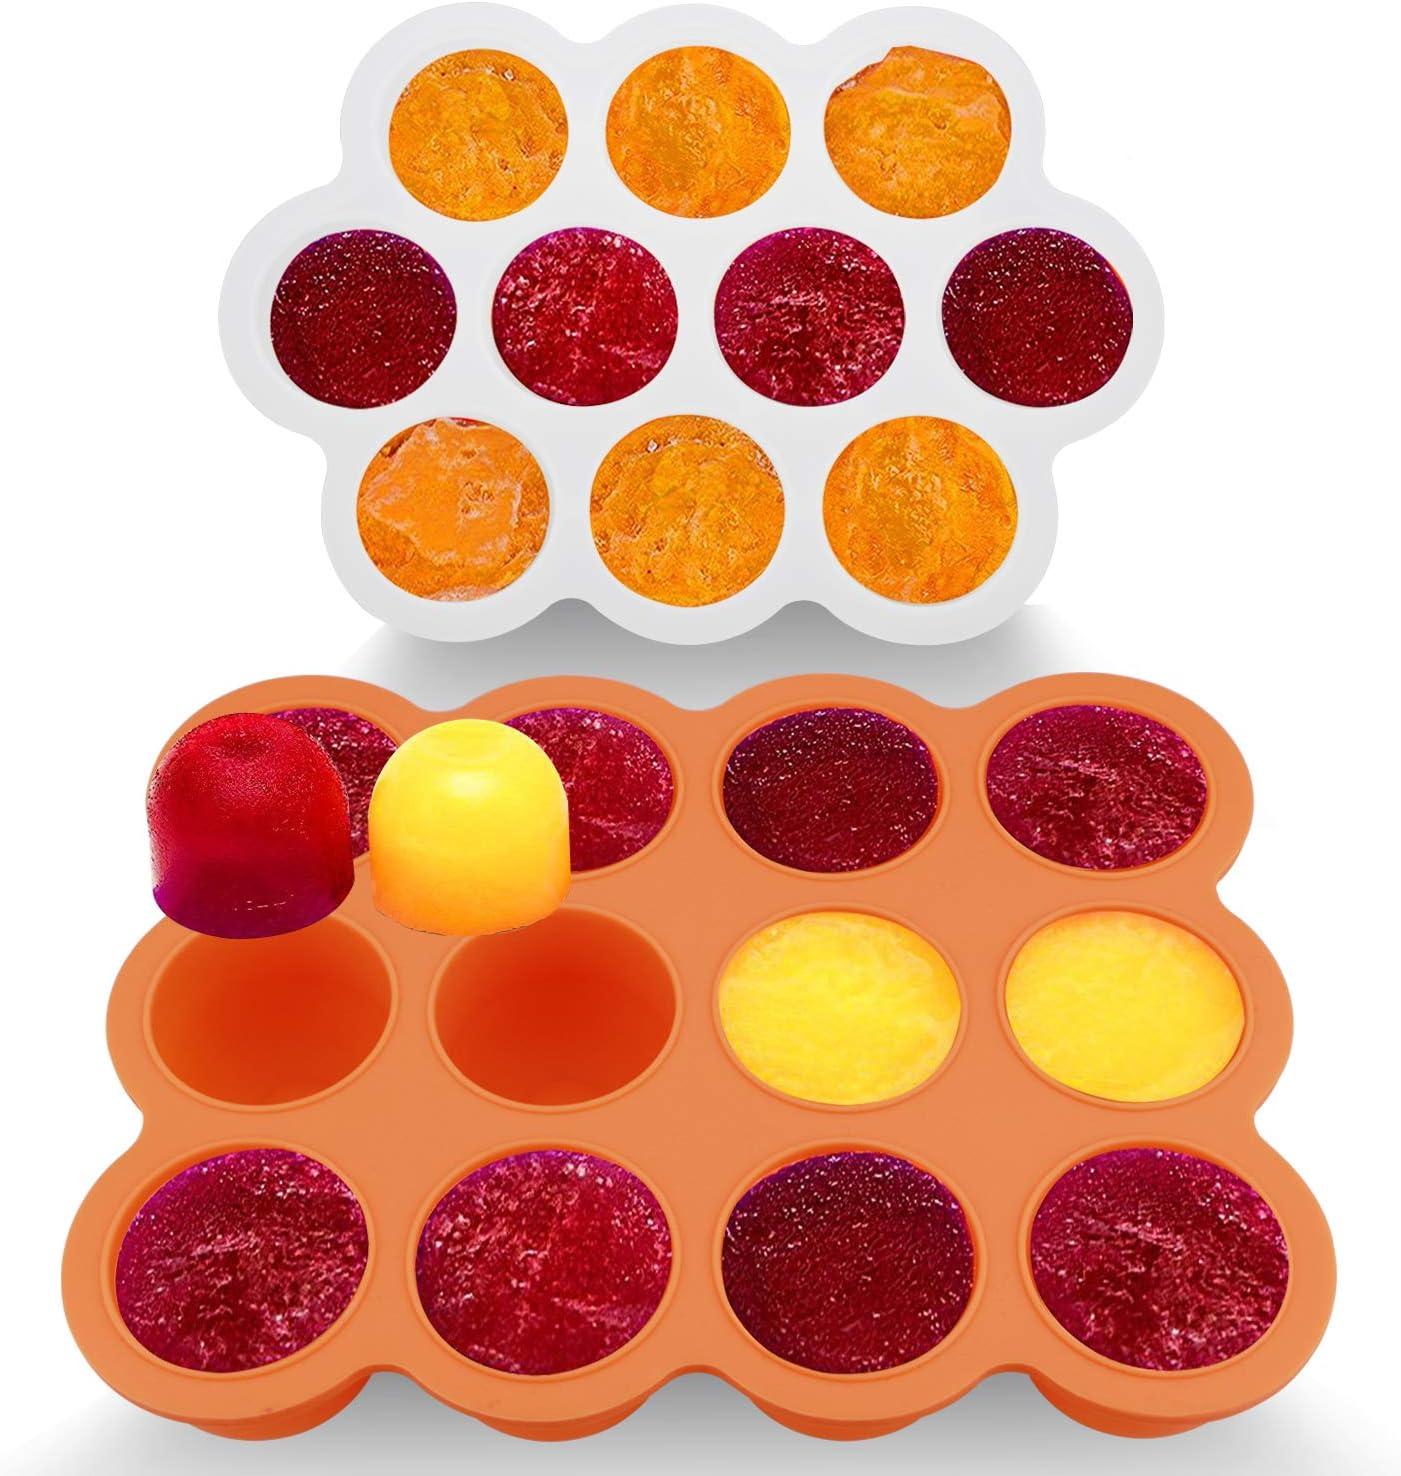 Annabel Karmel par NUK Frozen Baby Food conteneur de stockage//Food Cube Congélateur Plateau,